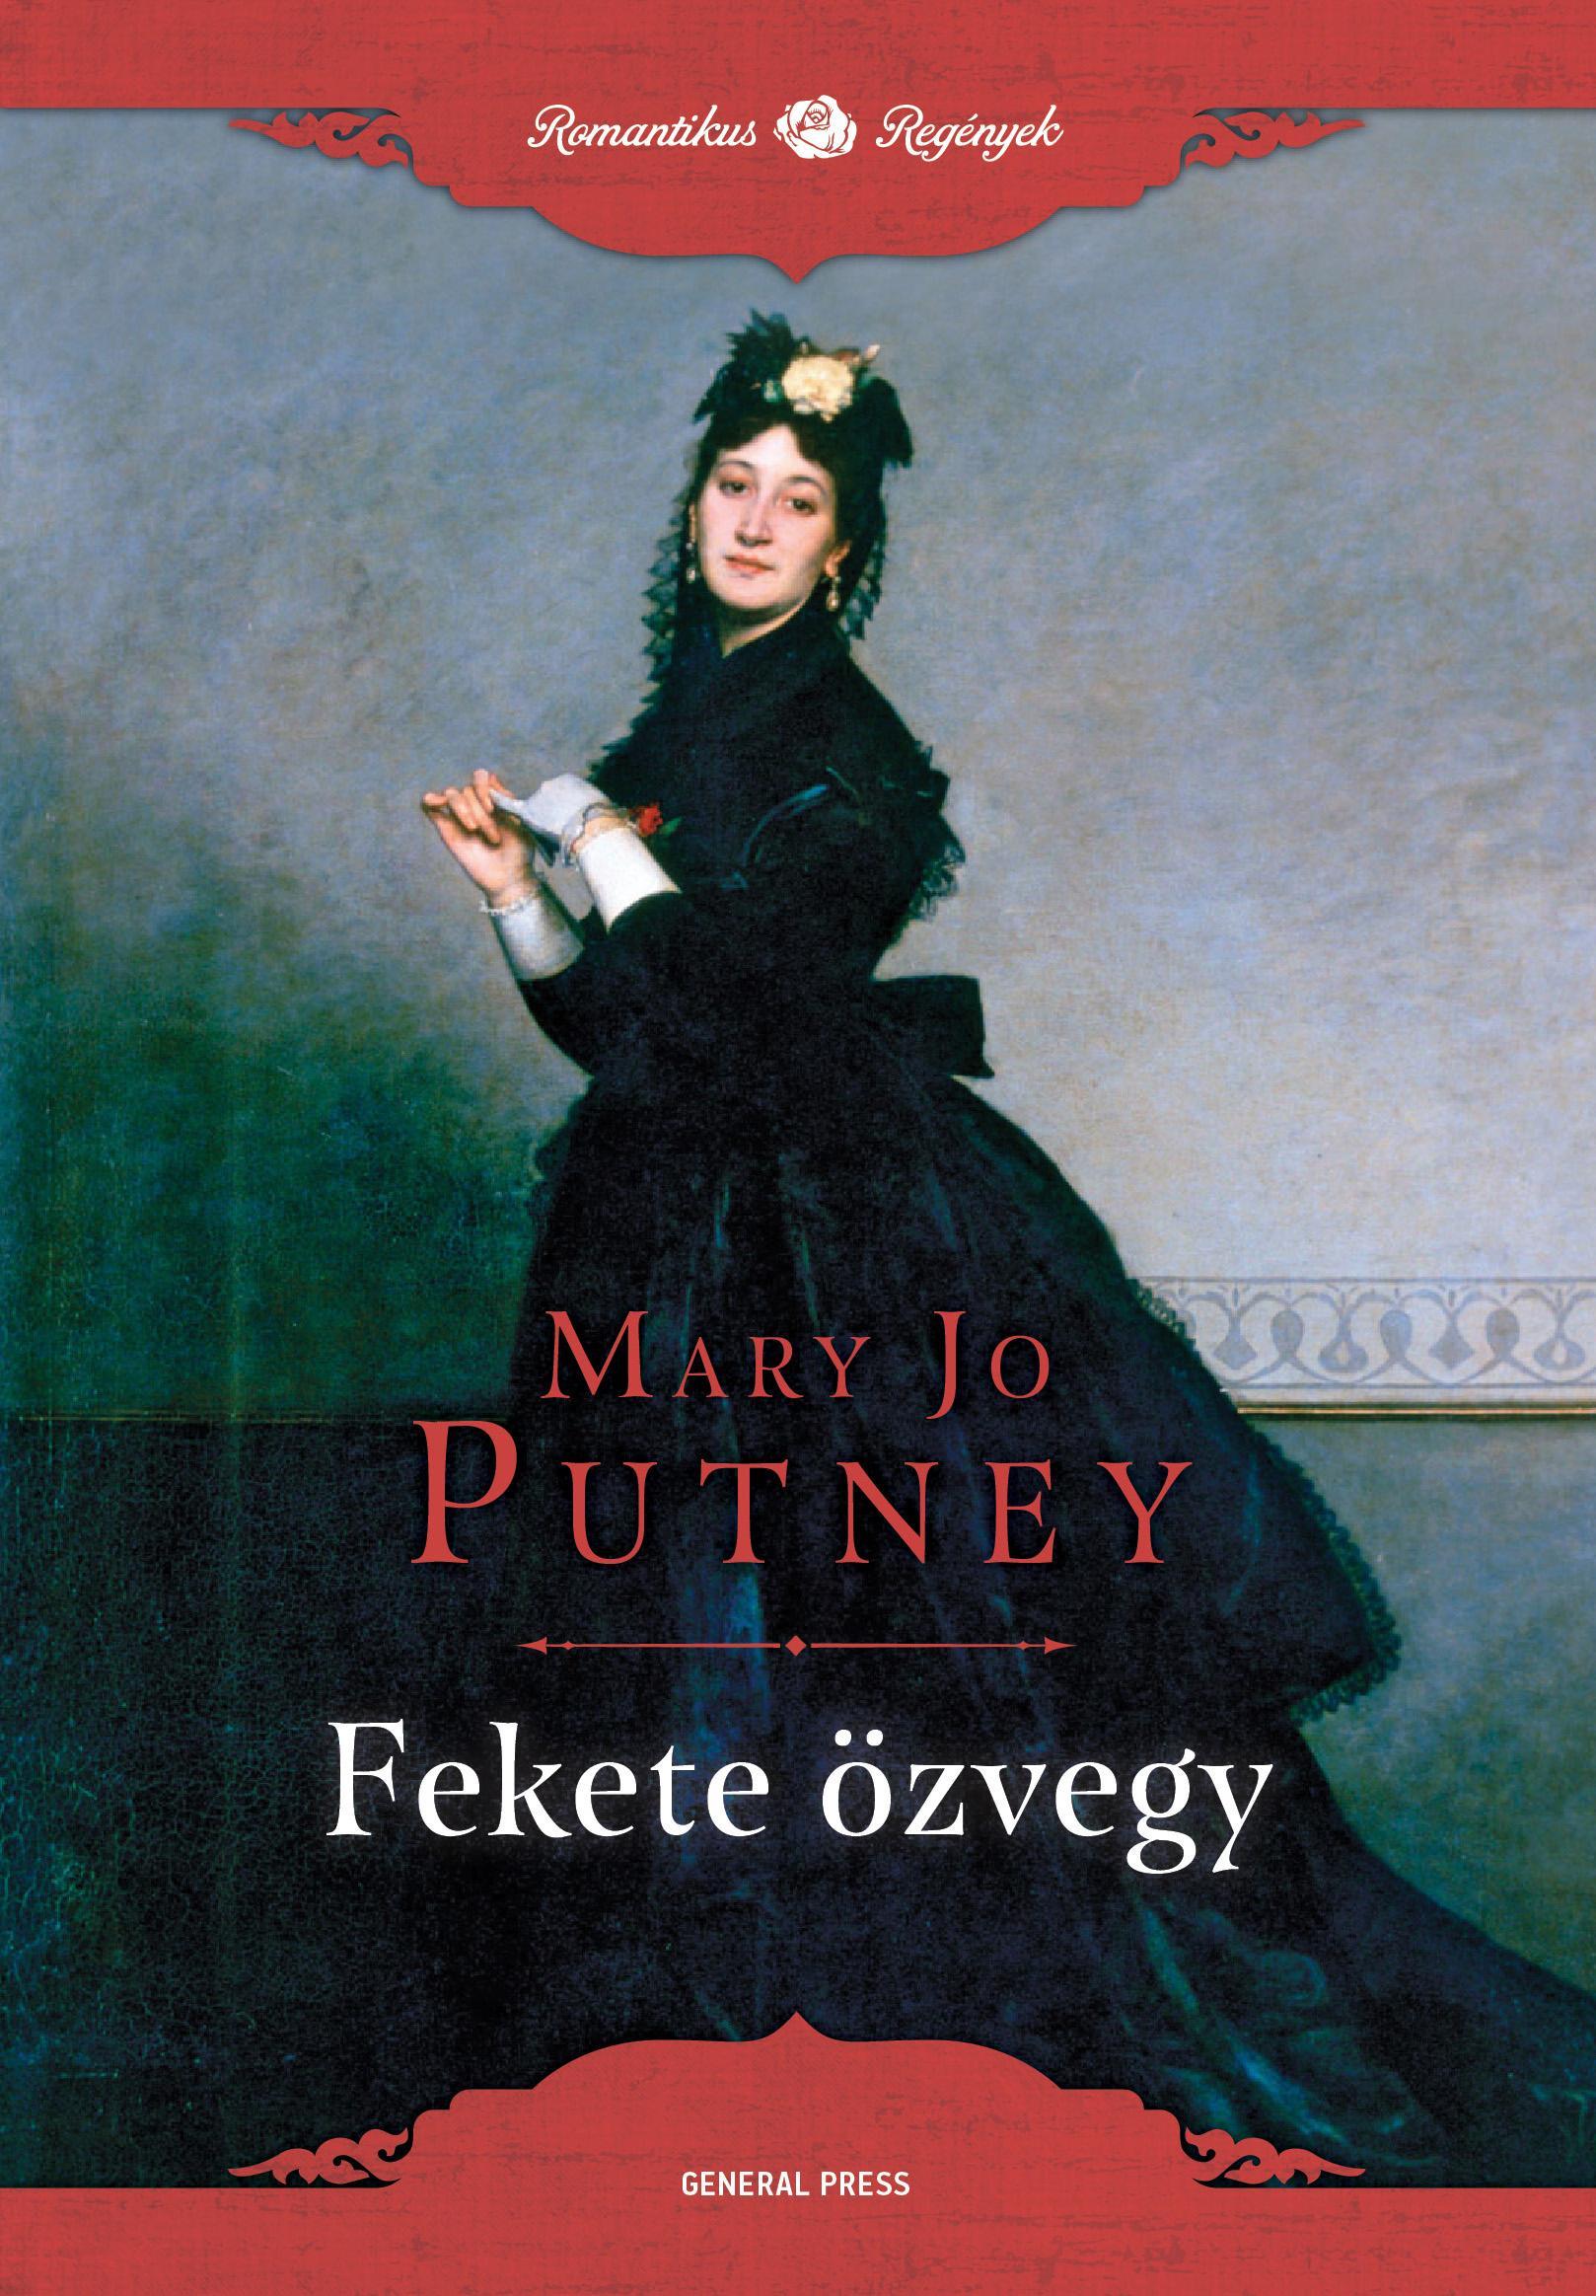 Mary Jo Putney - Fekete özvegy